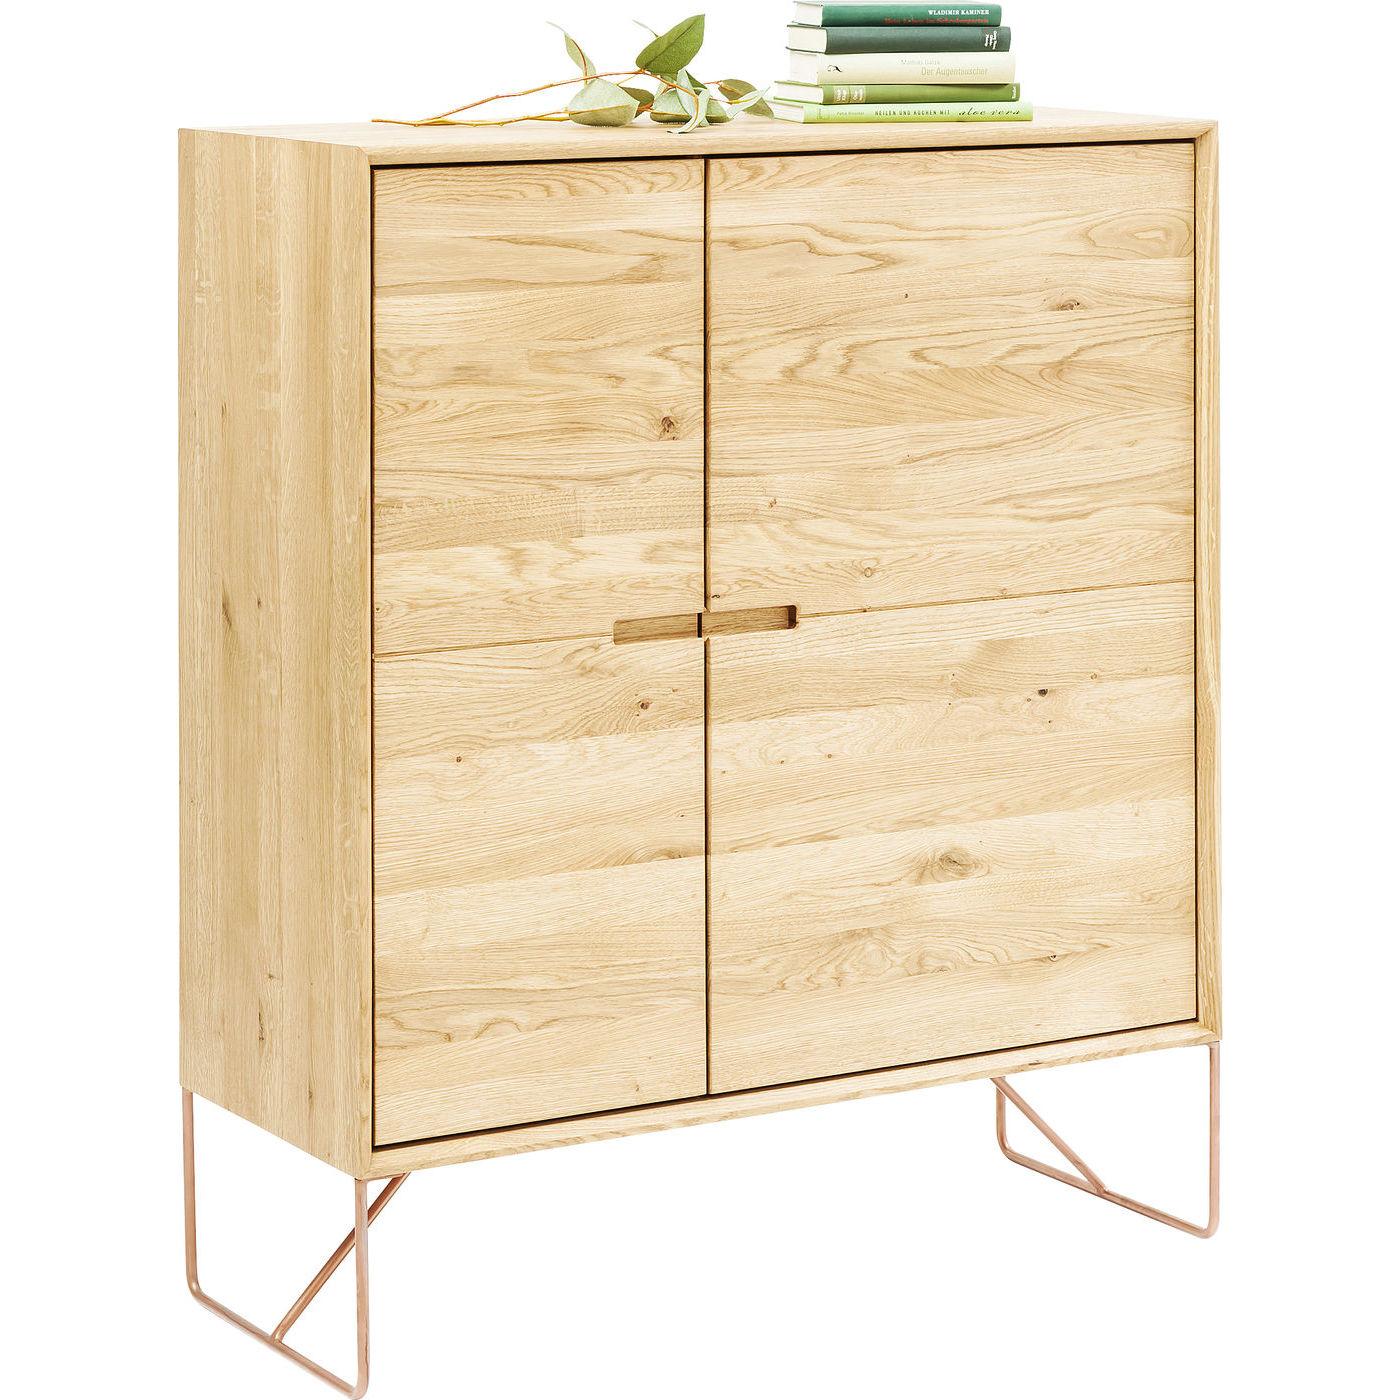 kommode modern line i egetr slanke ben og fine lger. Black Bedroom Furniture Sets. Home Design Ideas